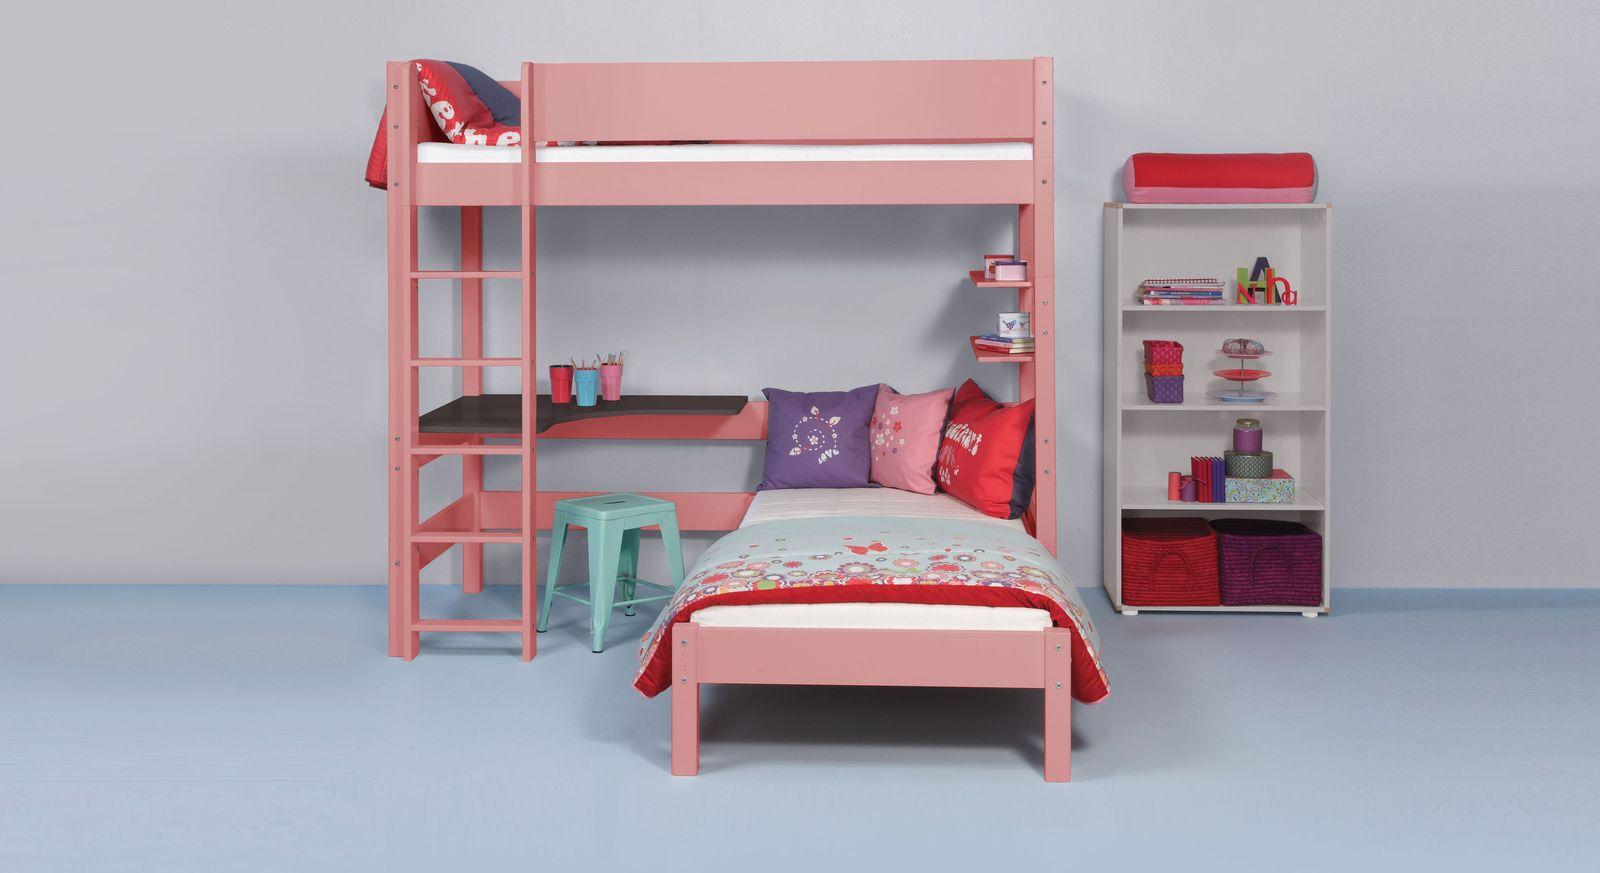 Etagenbett Mit Richtigem Lattenrost : Farbiges eck etagenbett in drei breiten kids town color